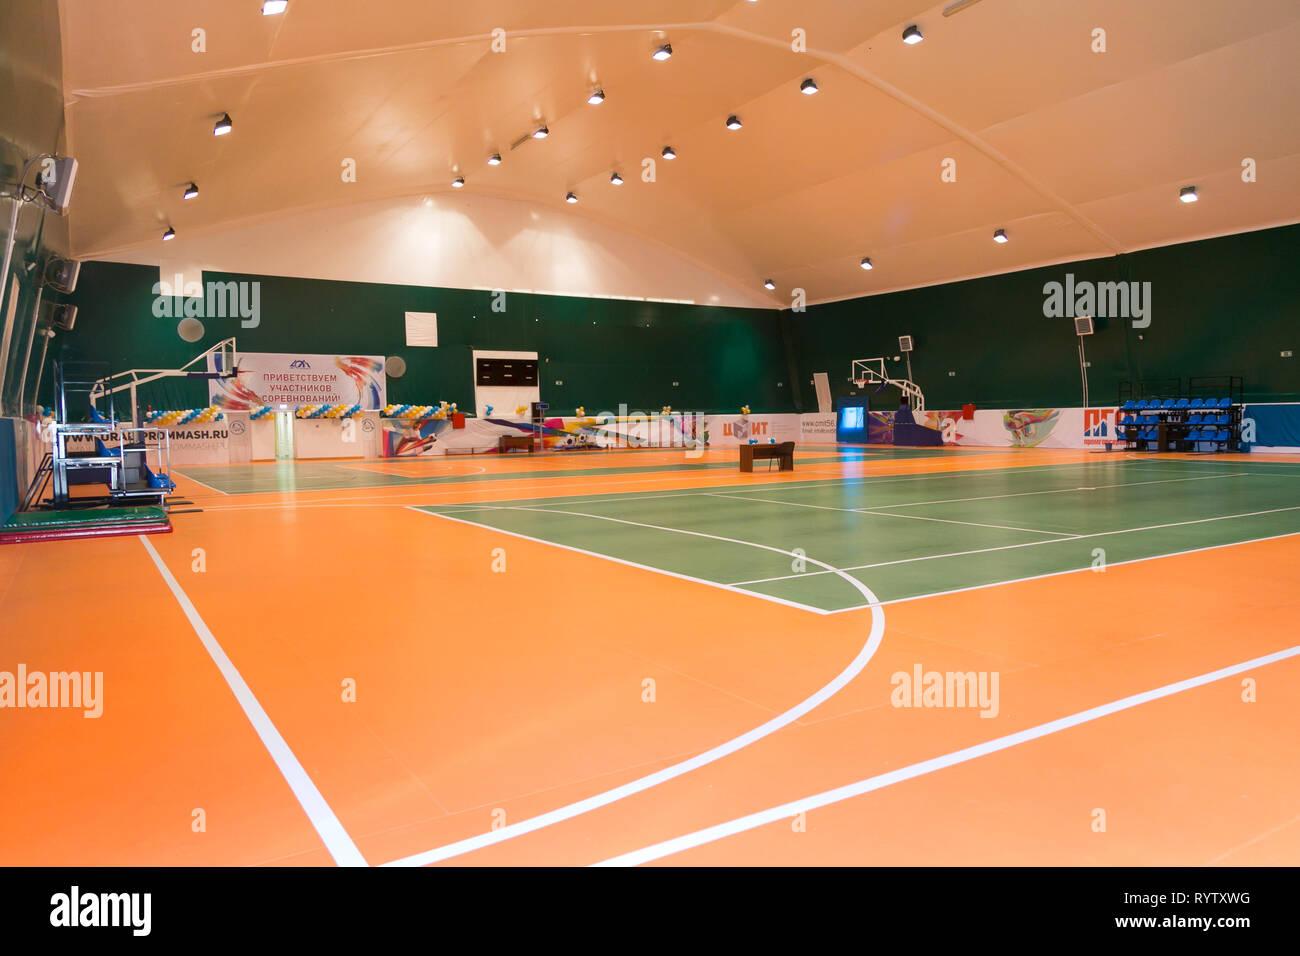 Apertura di un nuovo impianto sportivo nella città. Moderno complesso sportivo. Immagini Stock